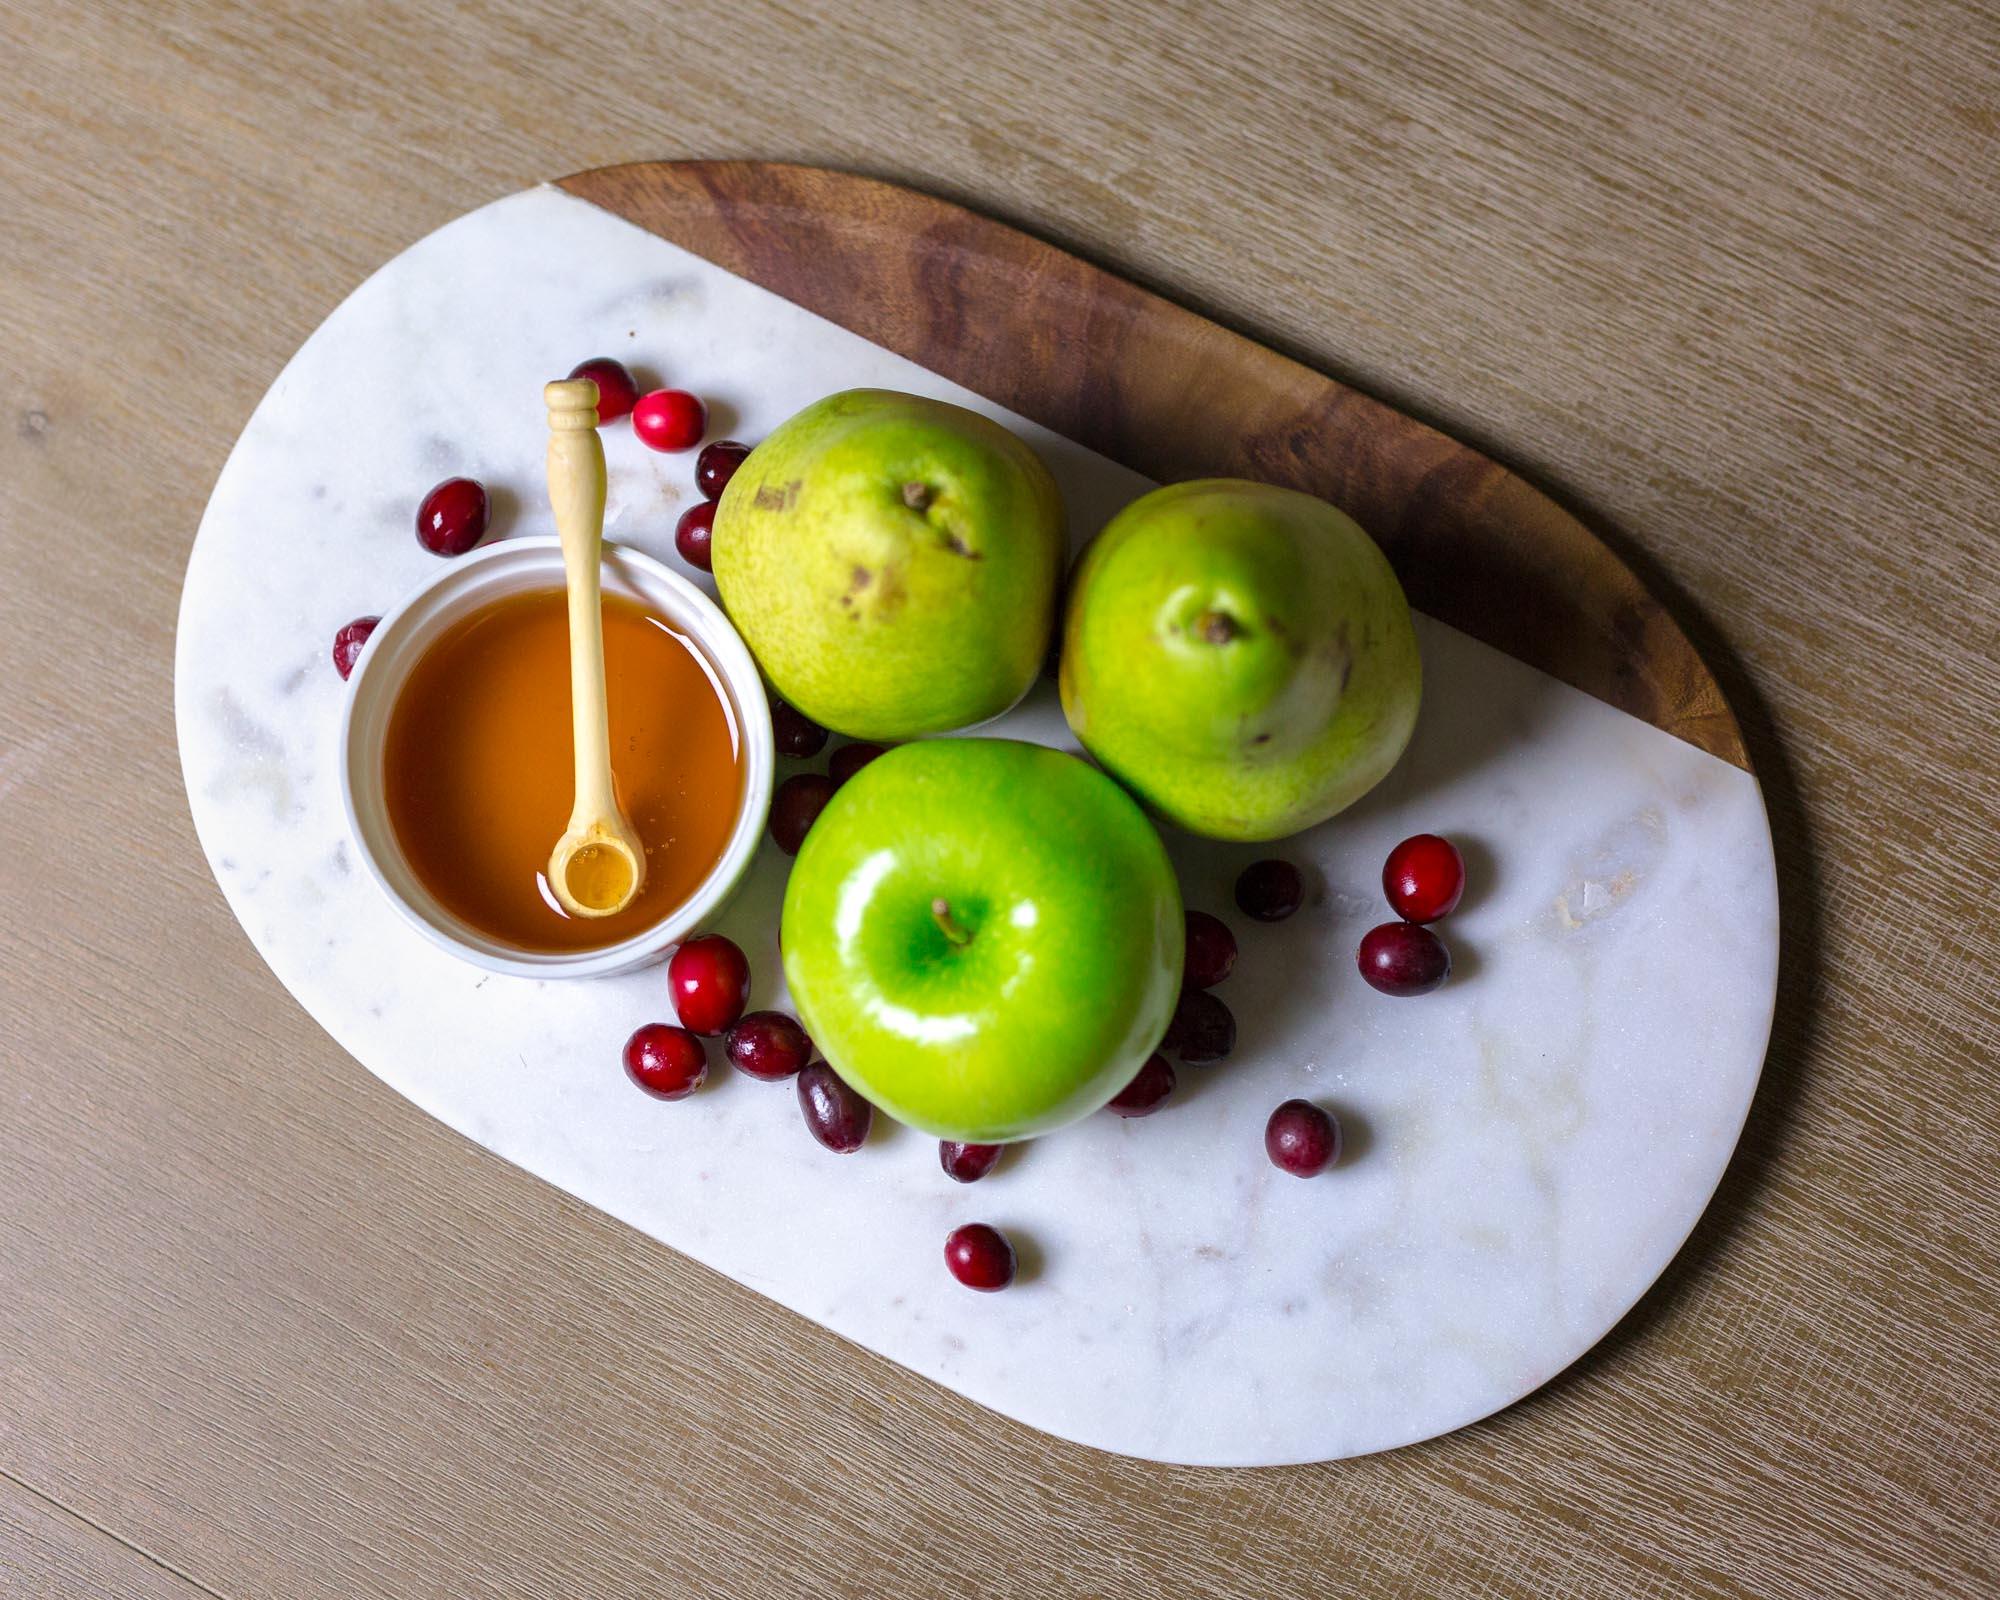 apples_pears.jpg